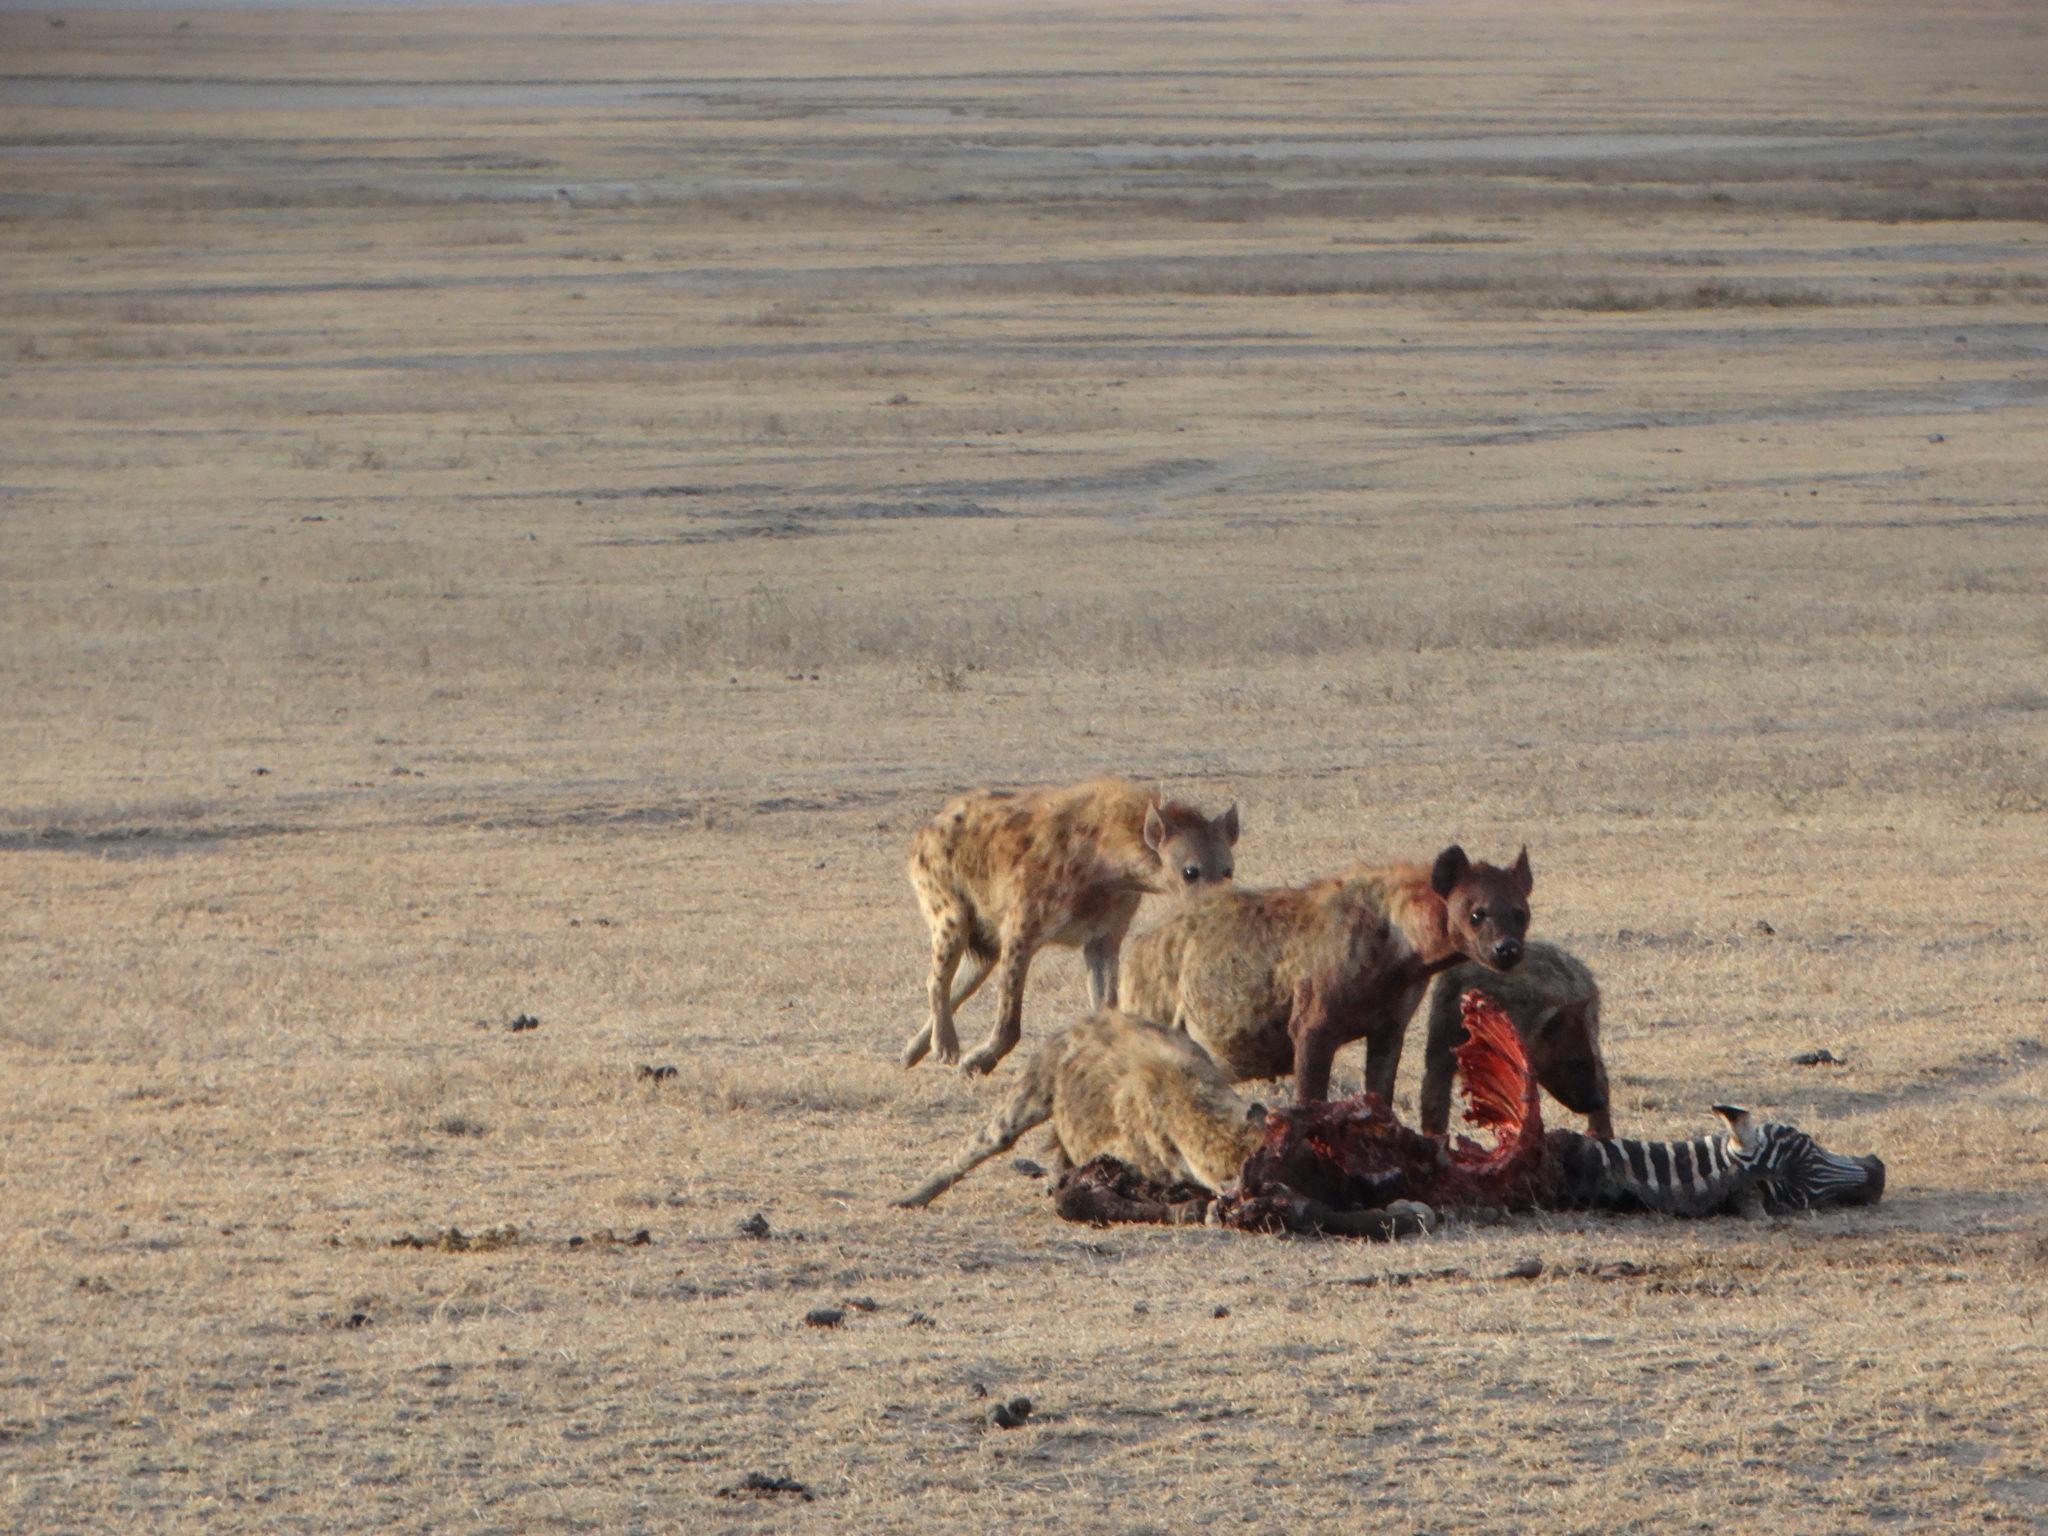 Hyena's en jakhalzen genieten van de restjes van een kleine zebra in Ngorongoro crater